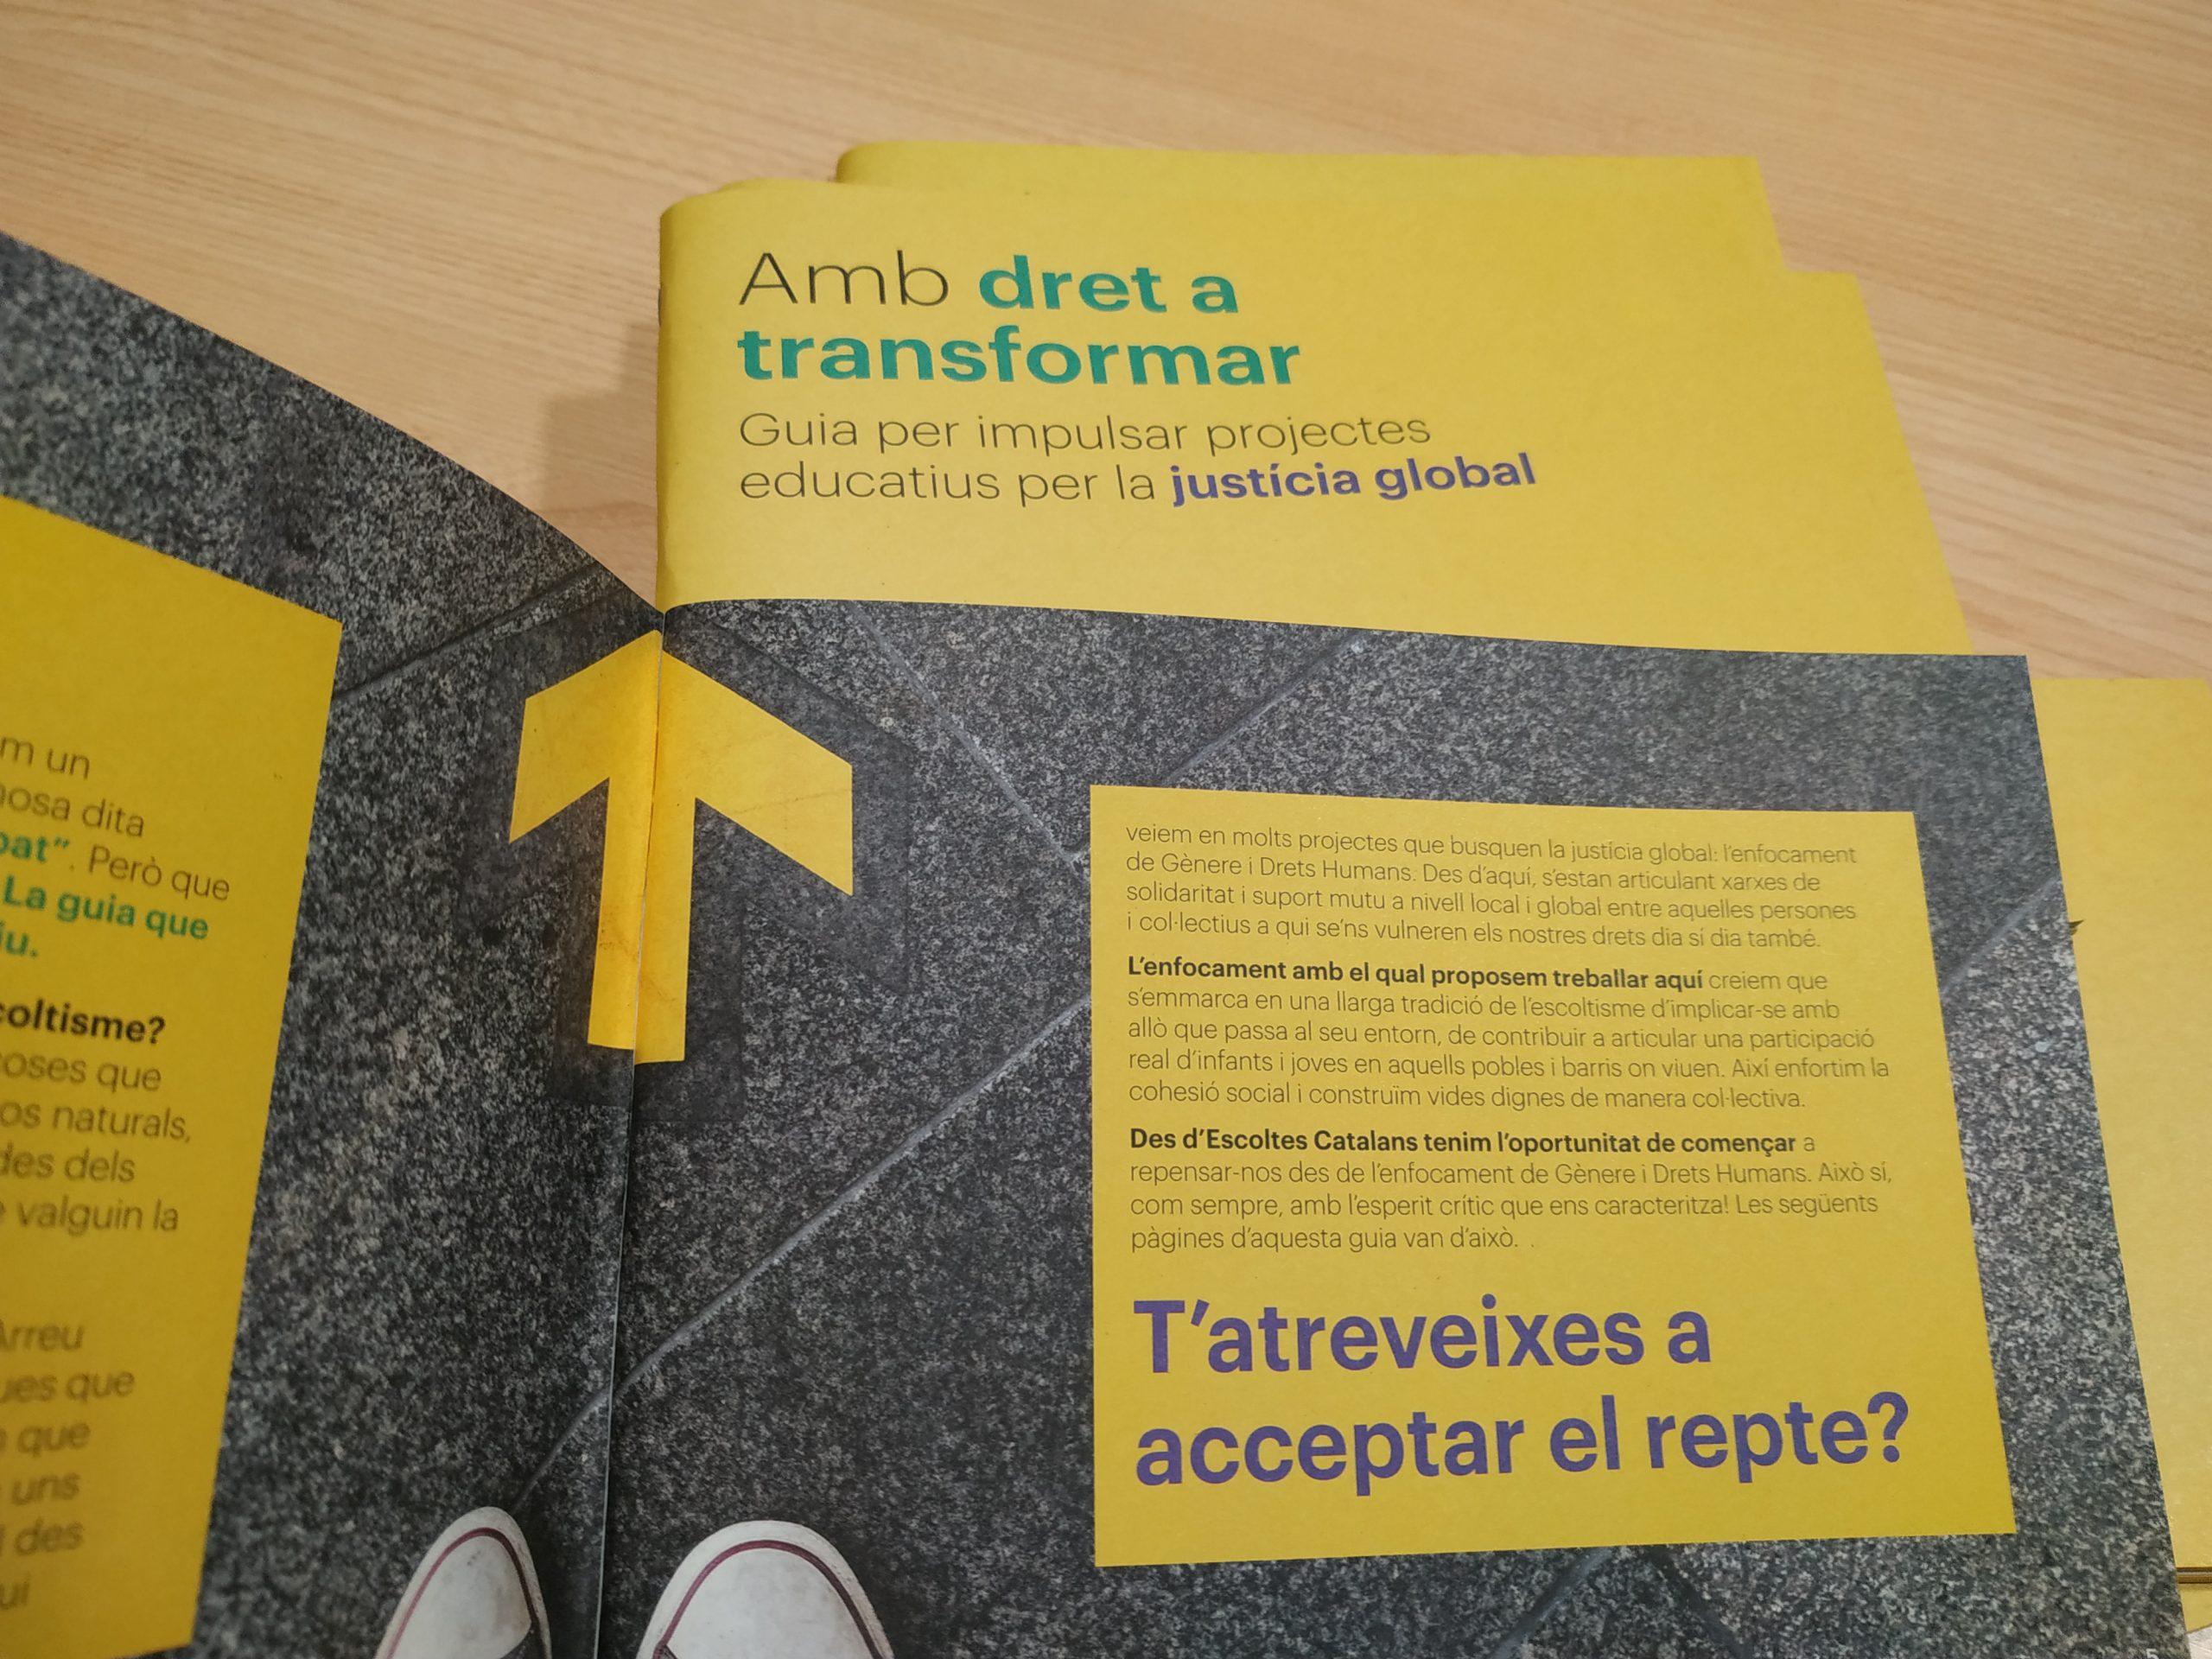 Guia Escoltes Catalans Amb dret a Transformar